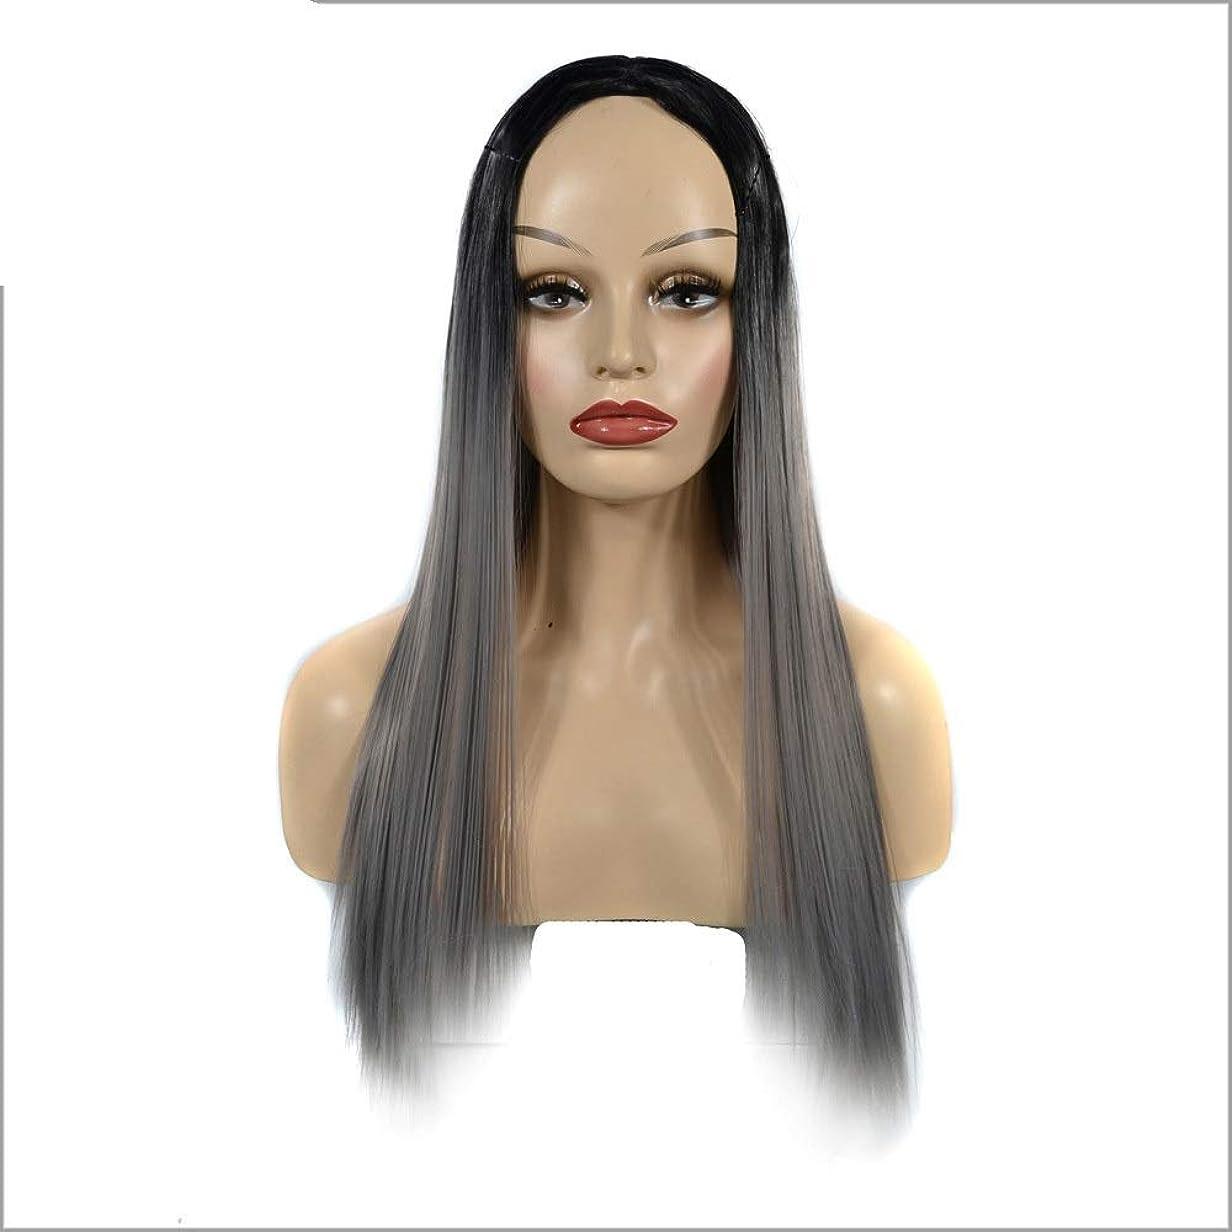 不信以来気楽なYESONEEP ブラックグラデーションシルバーグレーかつらオンブルストレートロングウィッグ女性のための中部かつらダークルーツ耐熱ウィッグパーティーかつら (Color : Silver Grey, サイズ : 60cm)